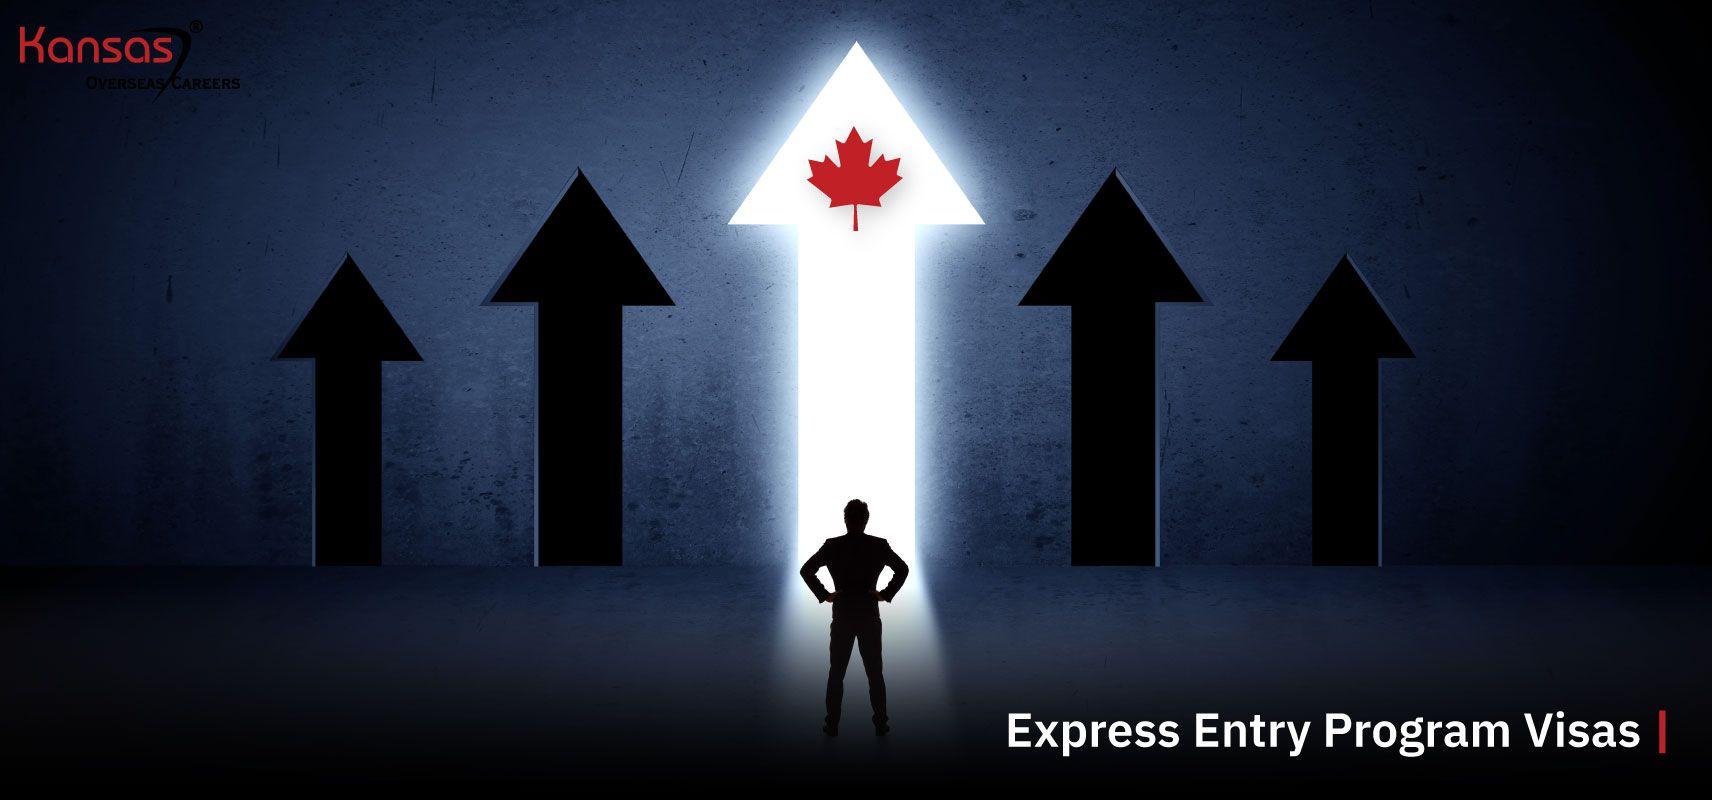 Express-Entry-Program-Visas